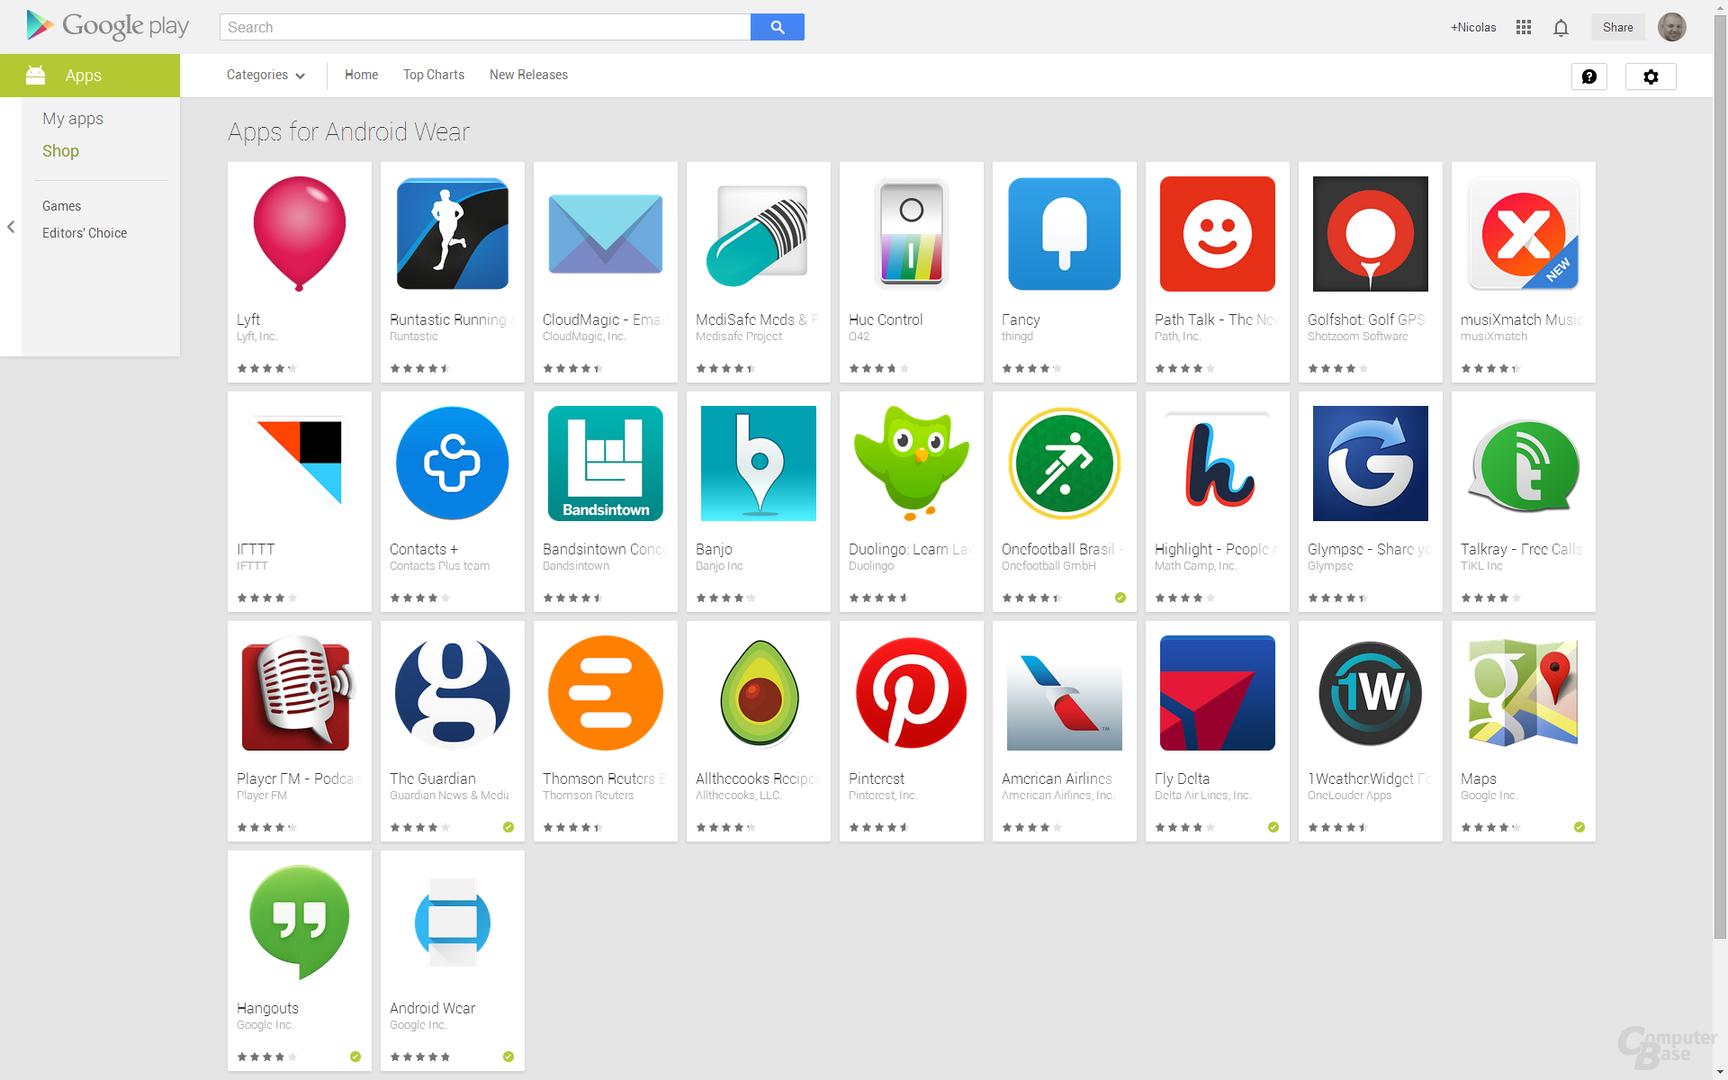 App-Angebot für Android Wear auf Google Play